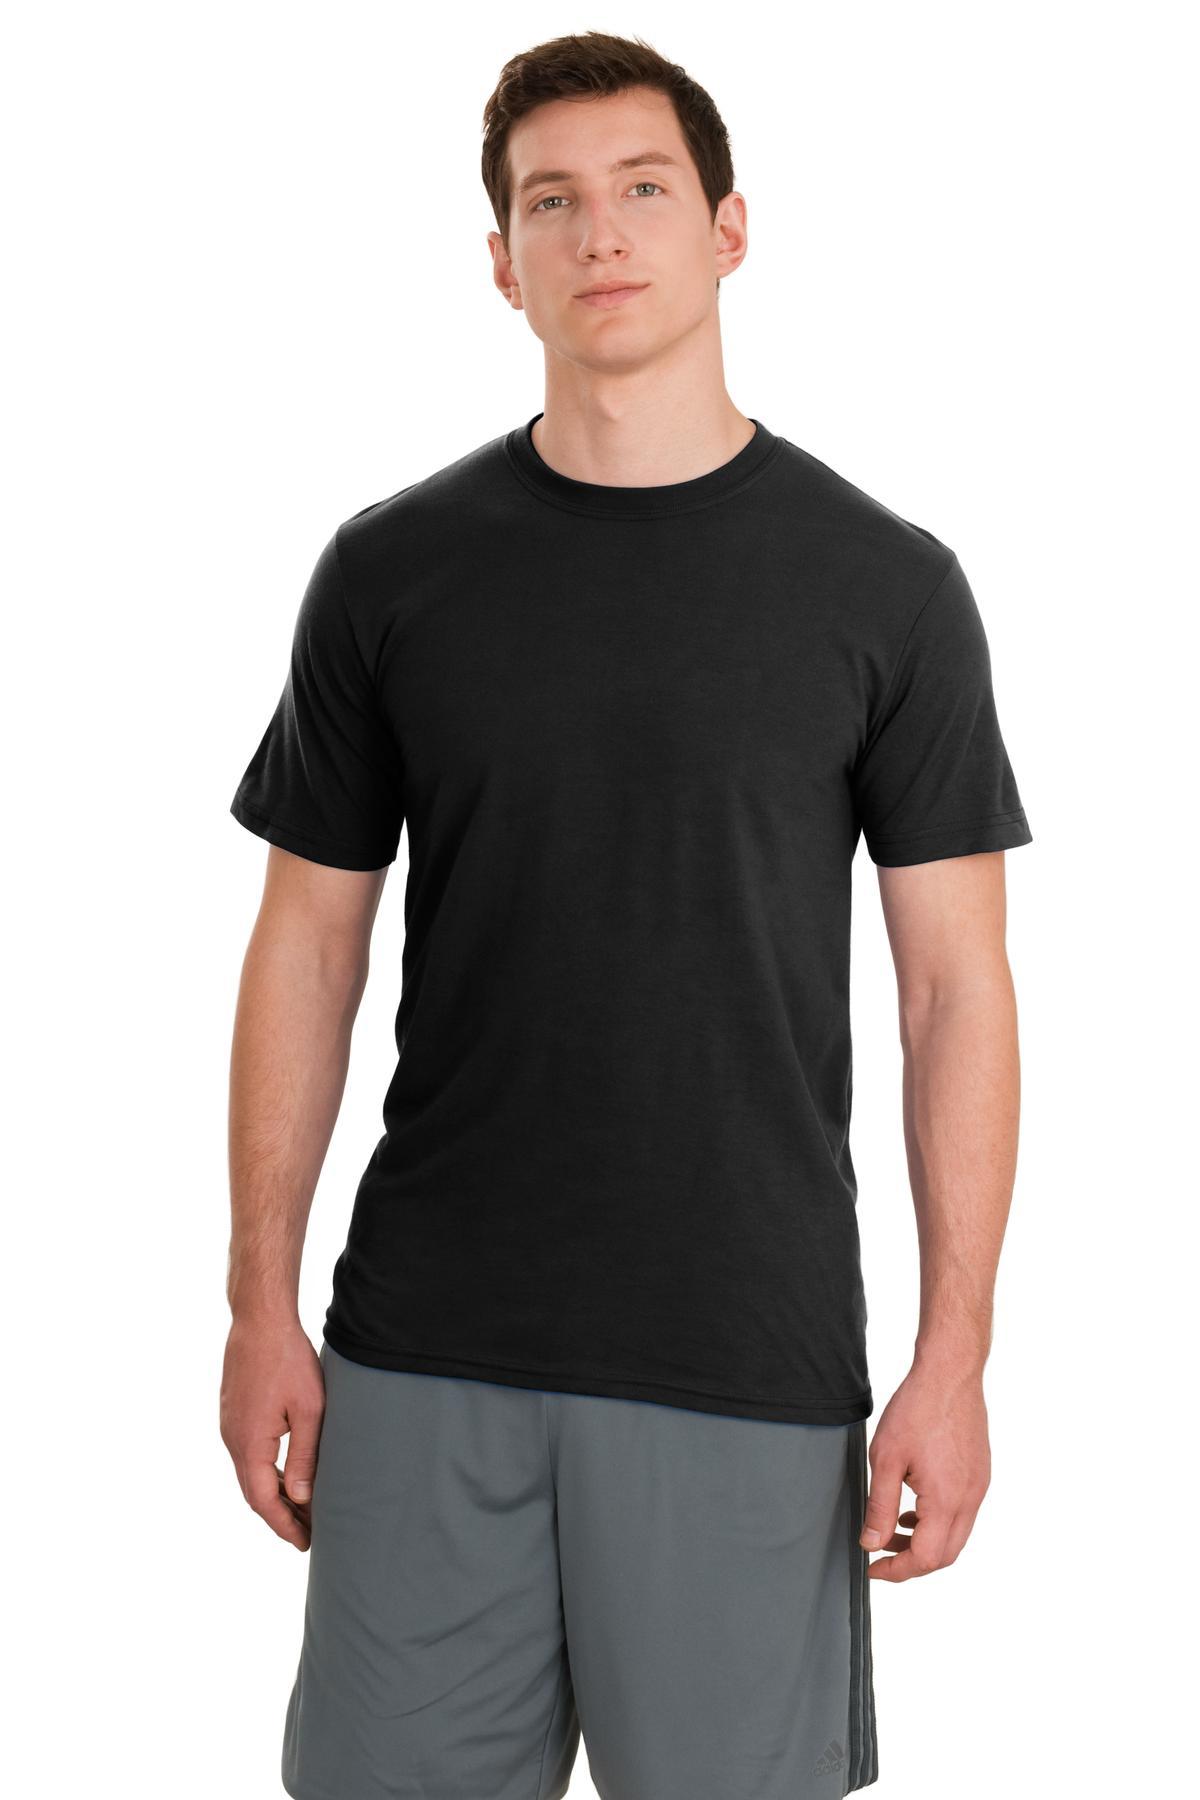 JERZEES  21M - Sport 100% Polyester T-Shirt